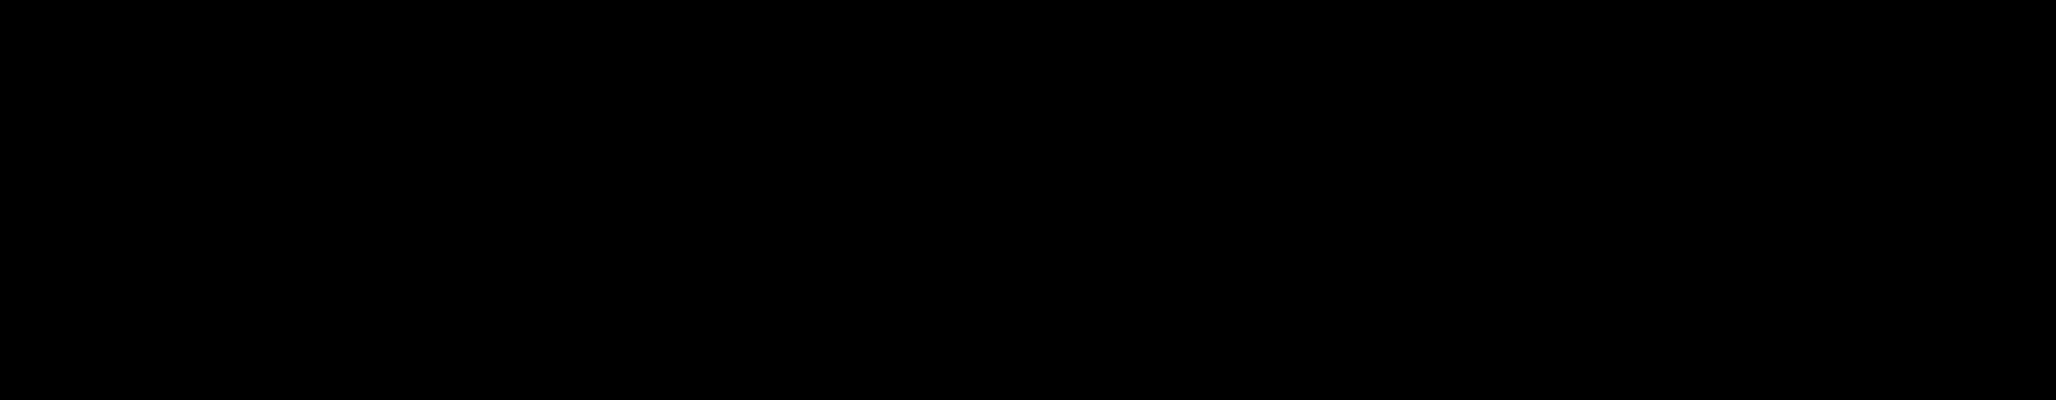 Nakleo - Wiederverwendbare Kunststoffschablonen - Wandmalschablonen - Möbelschablonendesigns